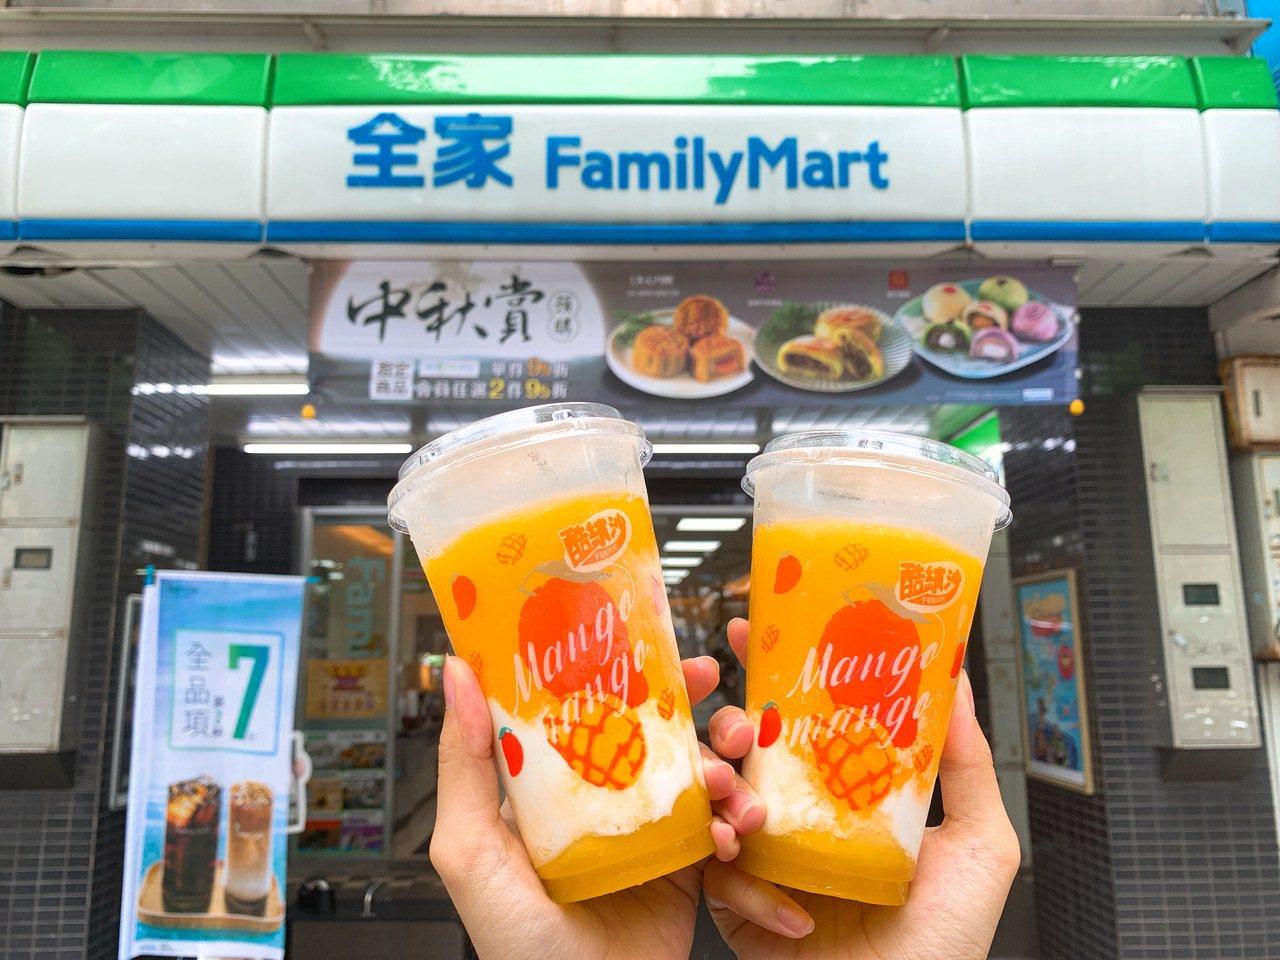 全家便利商店新推出芒果牛奶酷繽沙,即日起至9月10會員價49元。圖/全家便利商店...